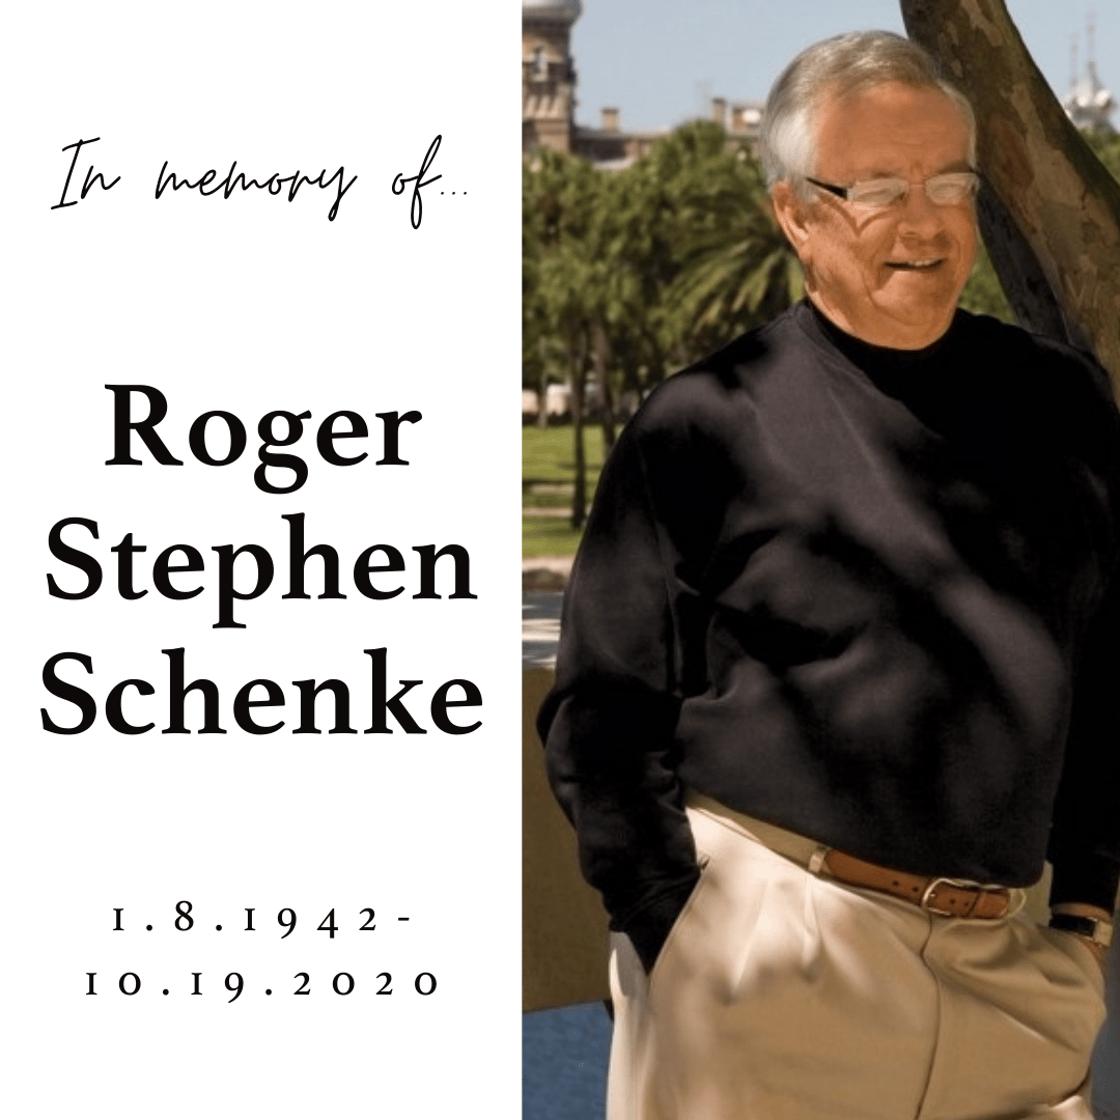 Roger Stephen Schenke v1